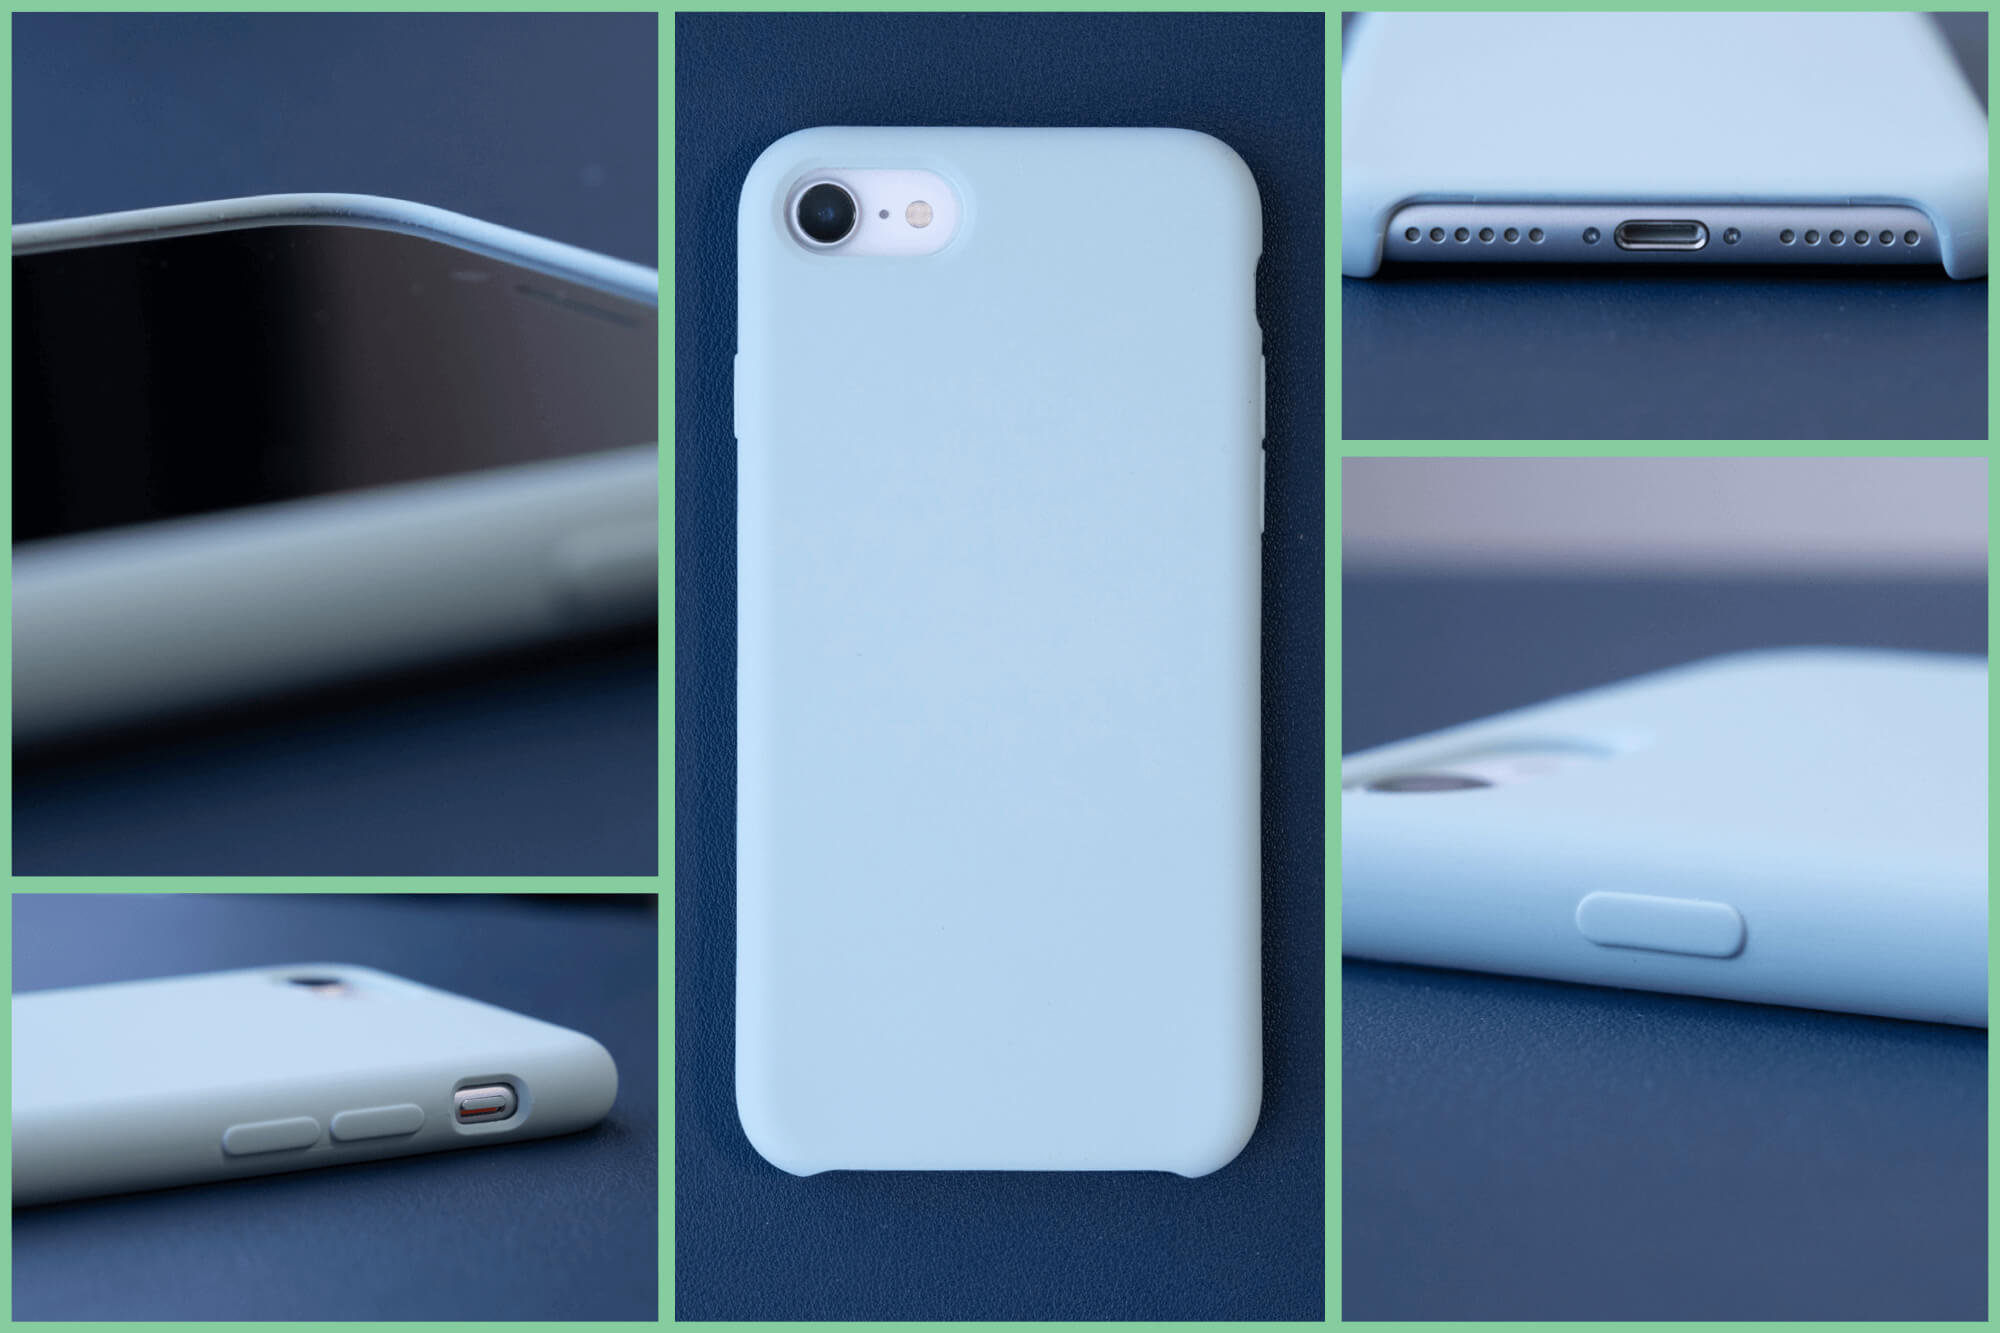 シンプルに色を求めるならコレかも。ORNARTO iPhone SE(第2世代)用ケースレビュー。